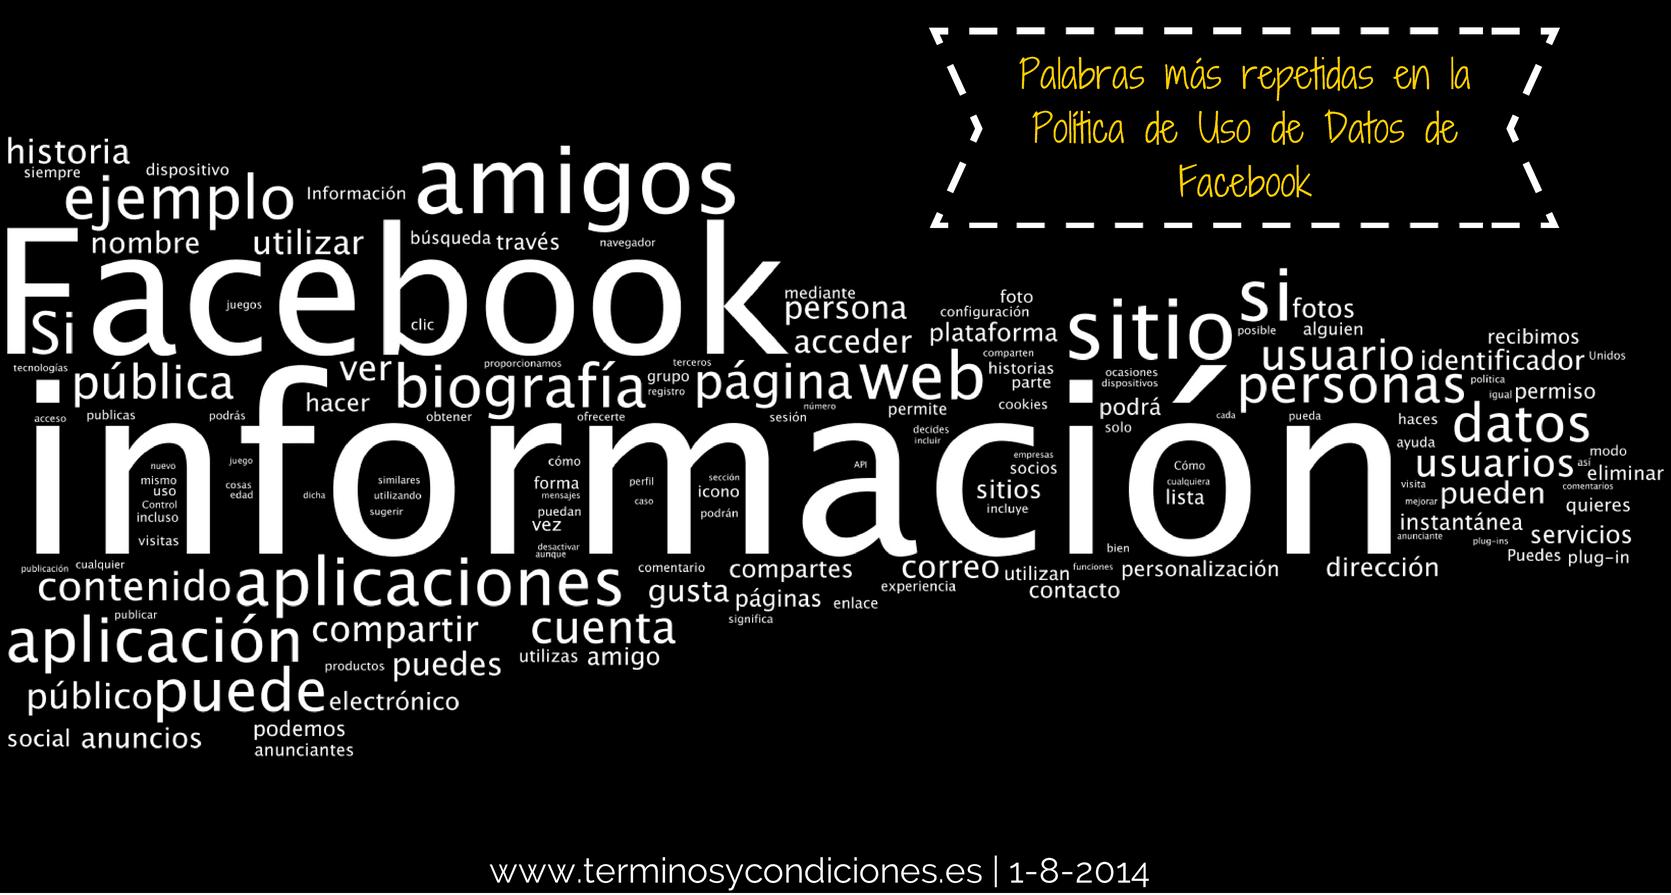 Términos y condiciones, Facebook y las palabras más repetidas en ellos